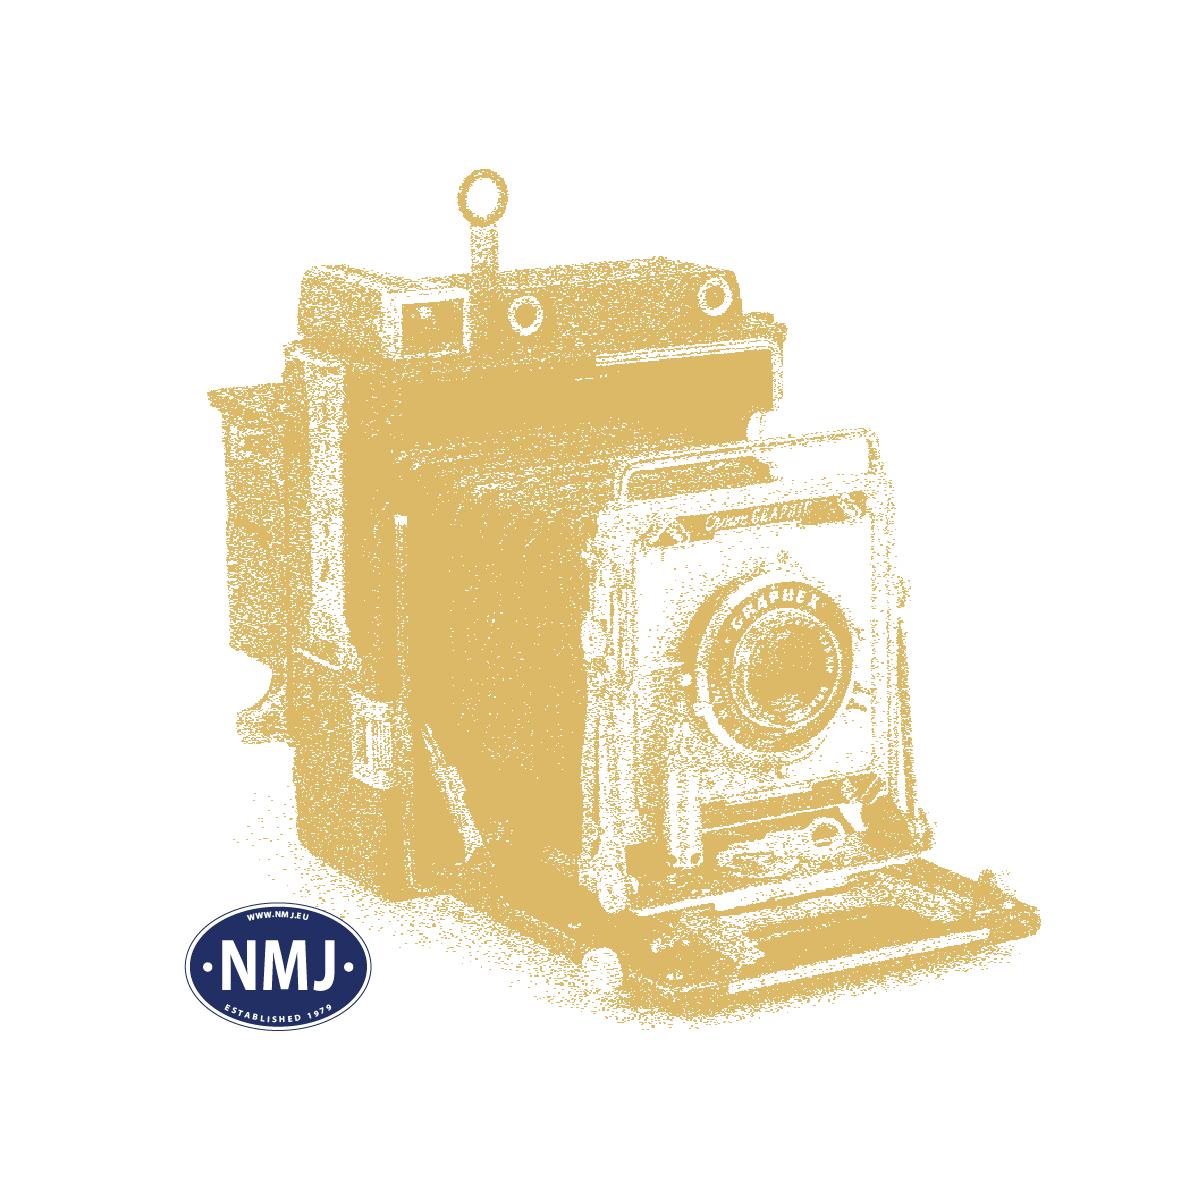 TOM02070404 - Micro Lysdiode m/print og loddepunkter, Cool White